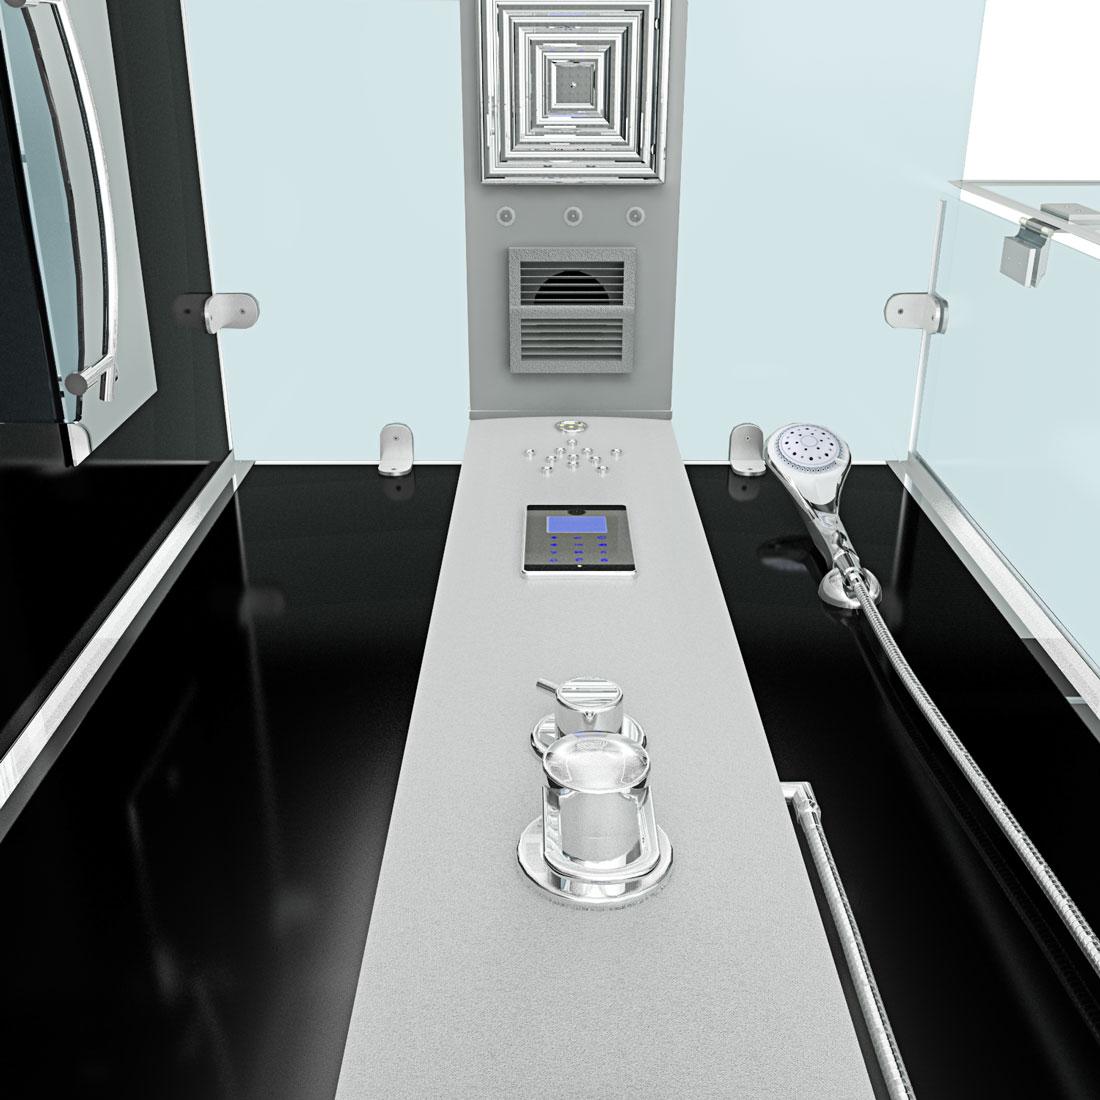 acquavapore dtp6038 0302r dusche dampfdusche duschtempel duschkabine 80x80 ebay. Black Bedroom Furniture Sets. Home Design Ideas